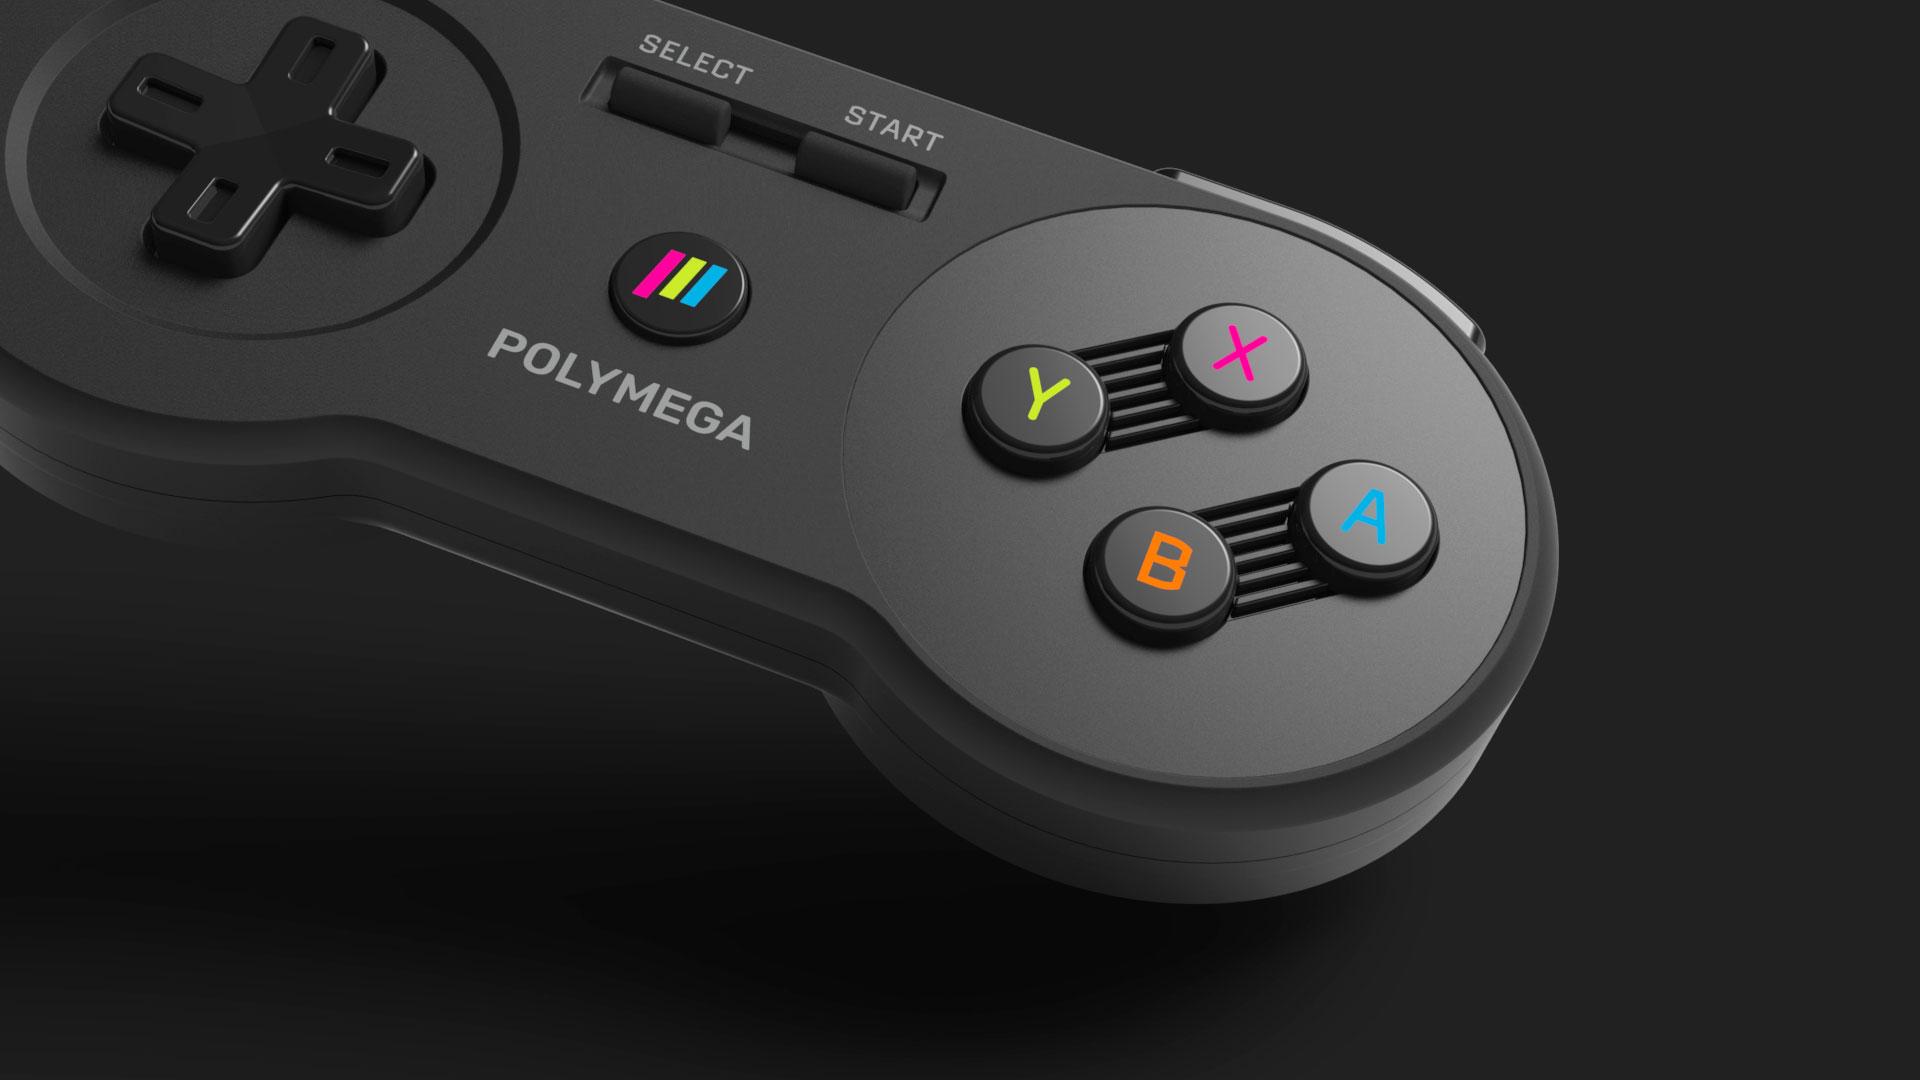 polymega snes 3 - Nowa konsola Polymega ze wsparciem m.in. dla PlayStation oraz Sega Saturn